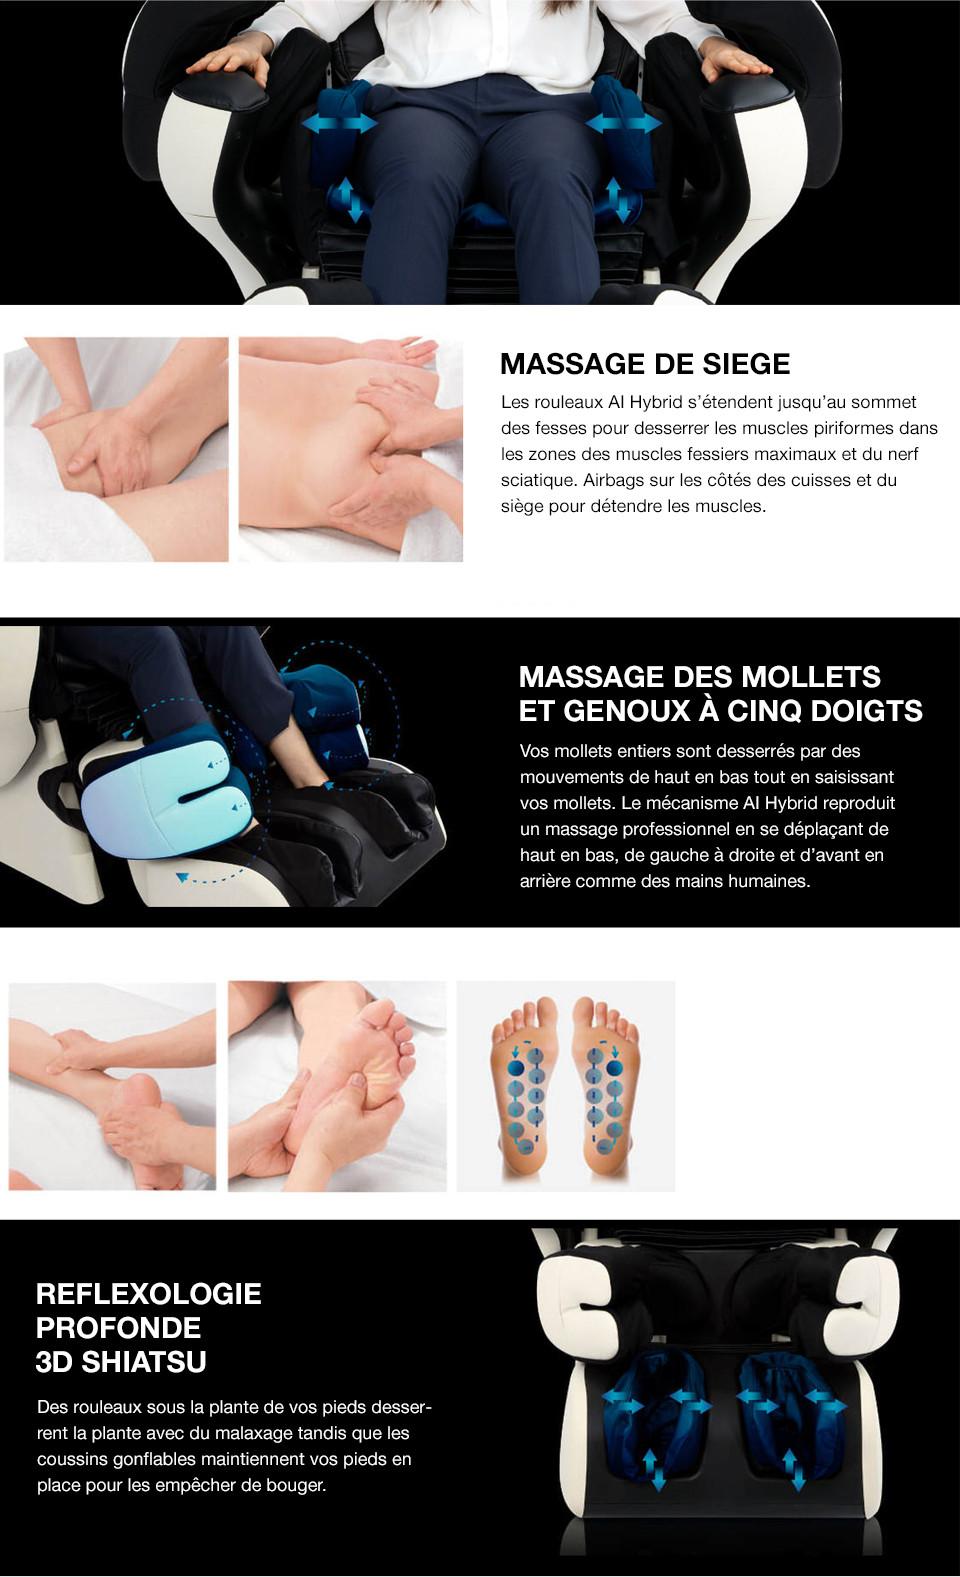 Fauteuil Japonais Pour Faire L'amour : fauteuil, japonais, faire, l'amour, Fauteuil, Massage, Therapina, INADA, Sommeil, Davantage